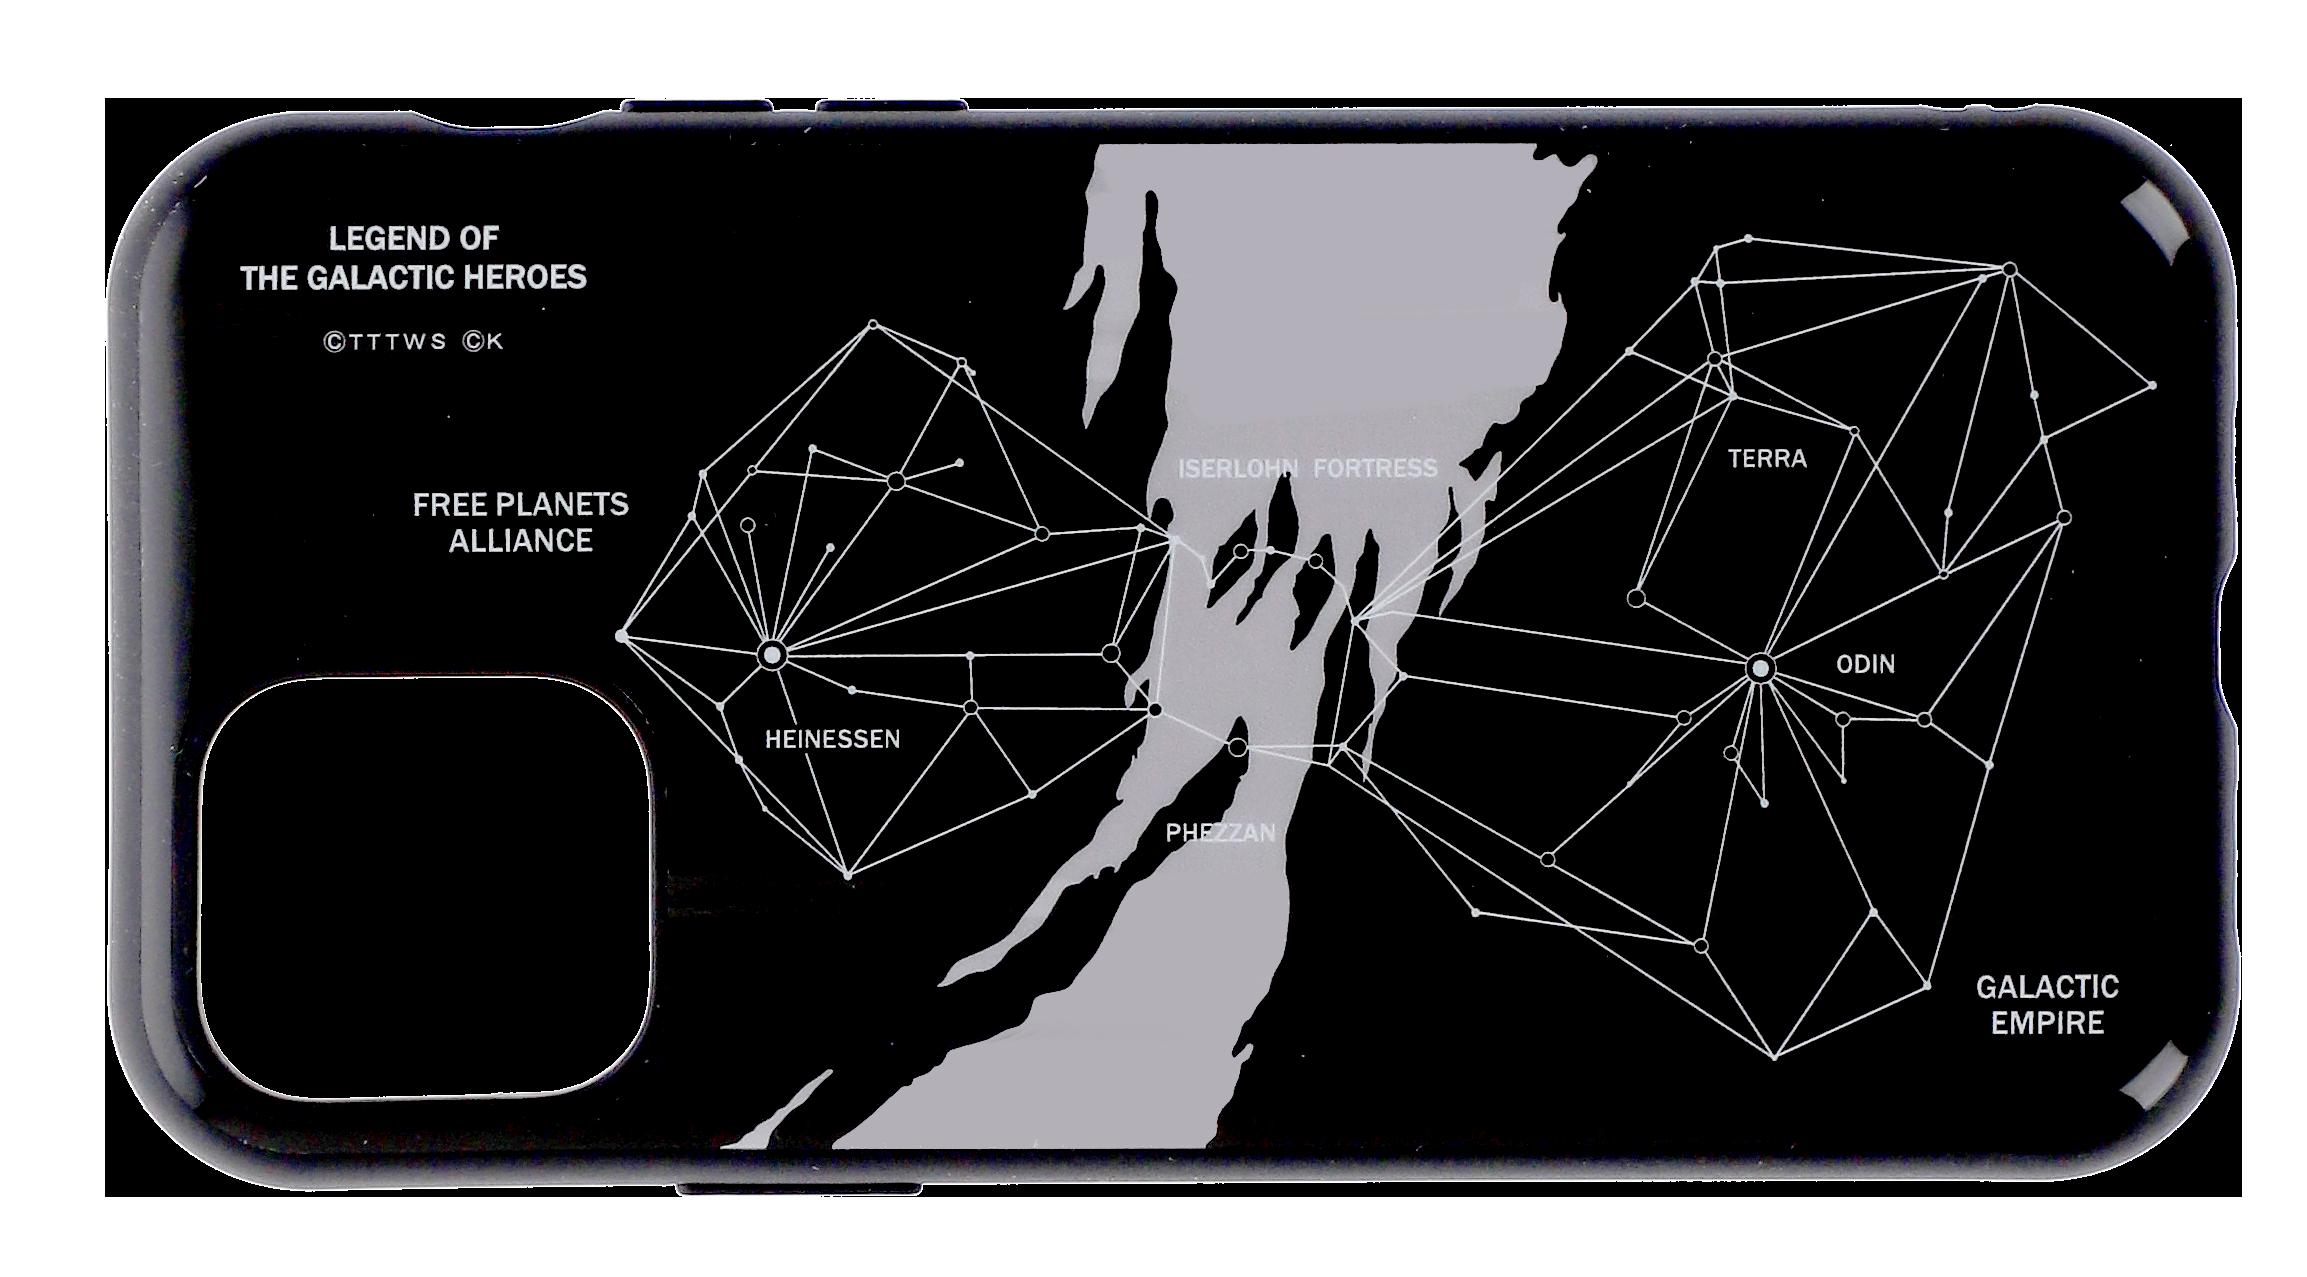 イゼルローンフォートレスオリジナルIIIIfit 航路図【iPhone12/12 Pro対応】